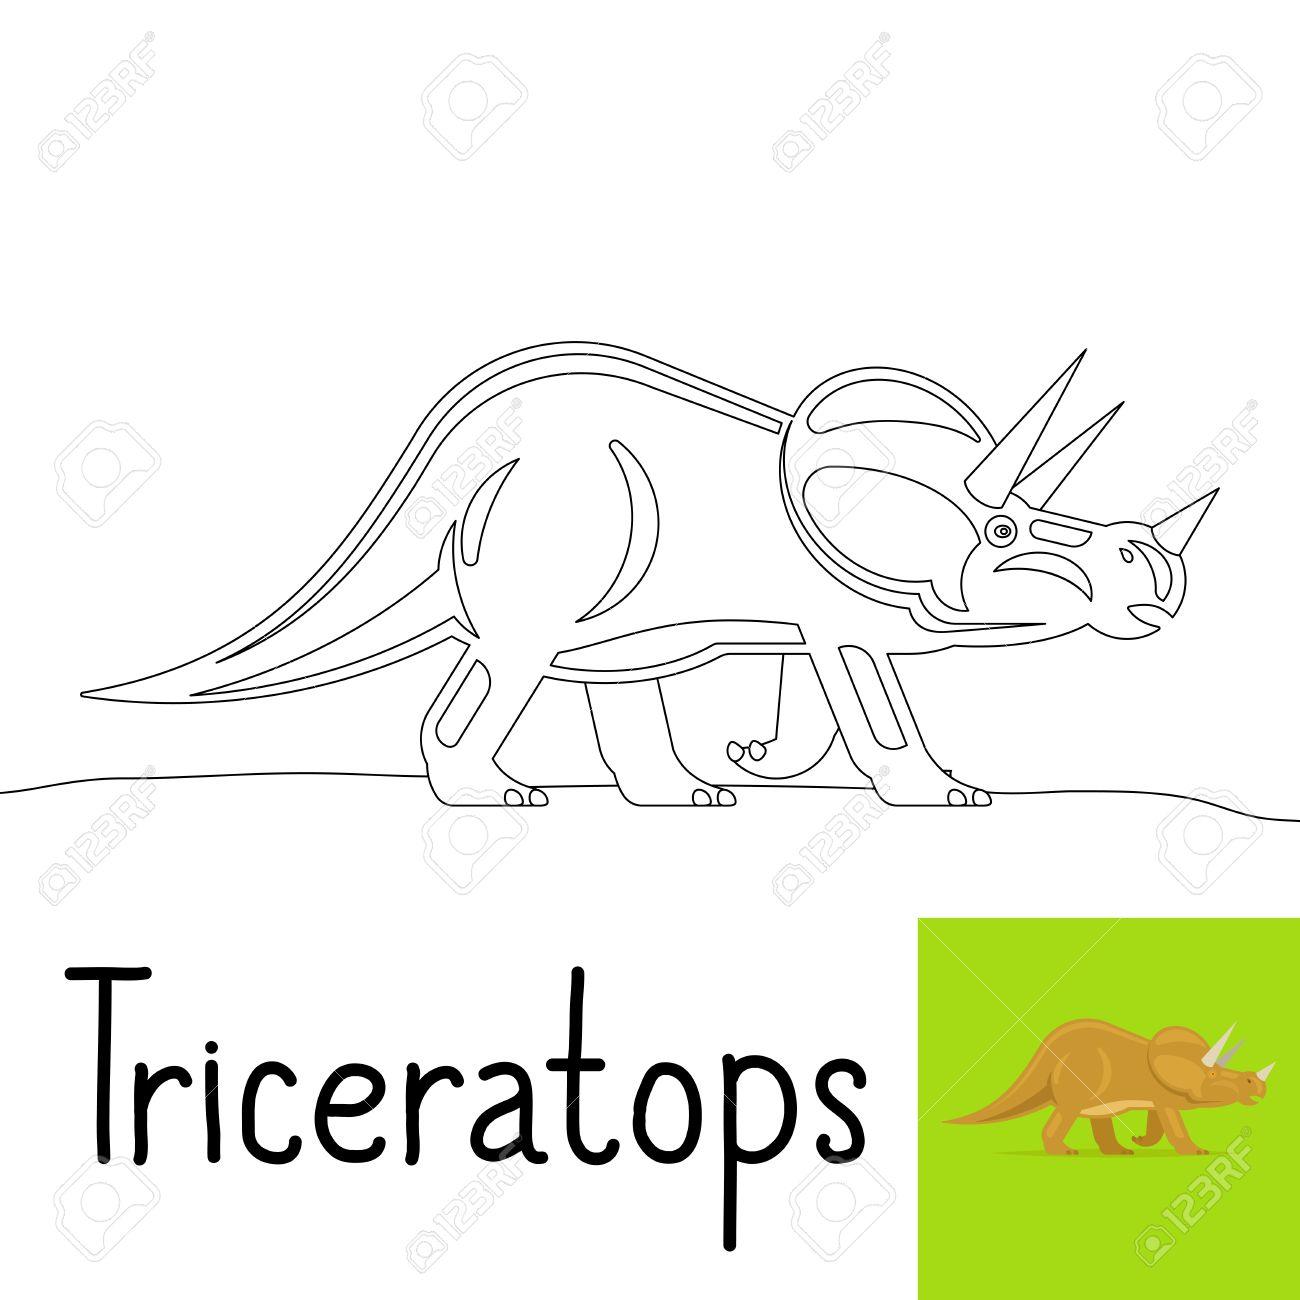 Coloriage Dinosaure Triceratops.Coloriage Pour Les Enfants Avec Triceratops Dinosaure Et Apercu